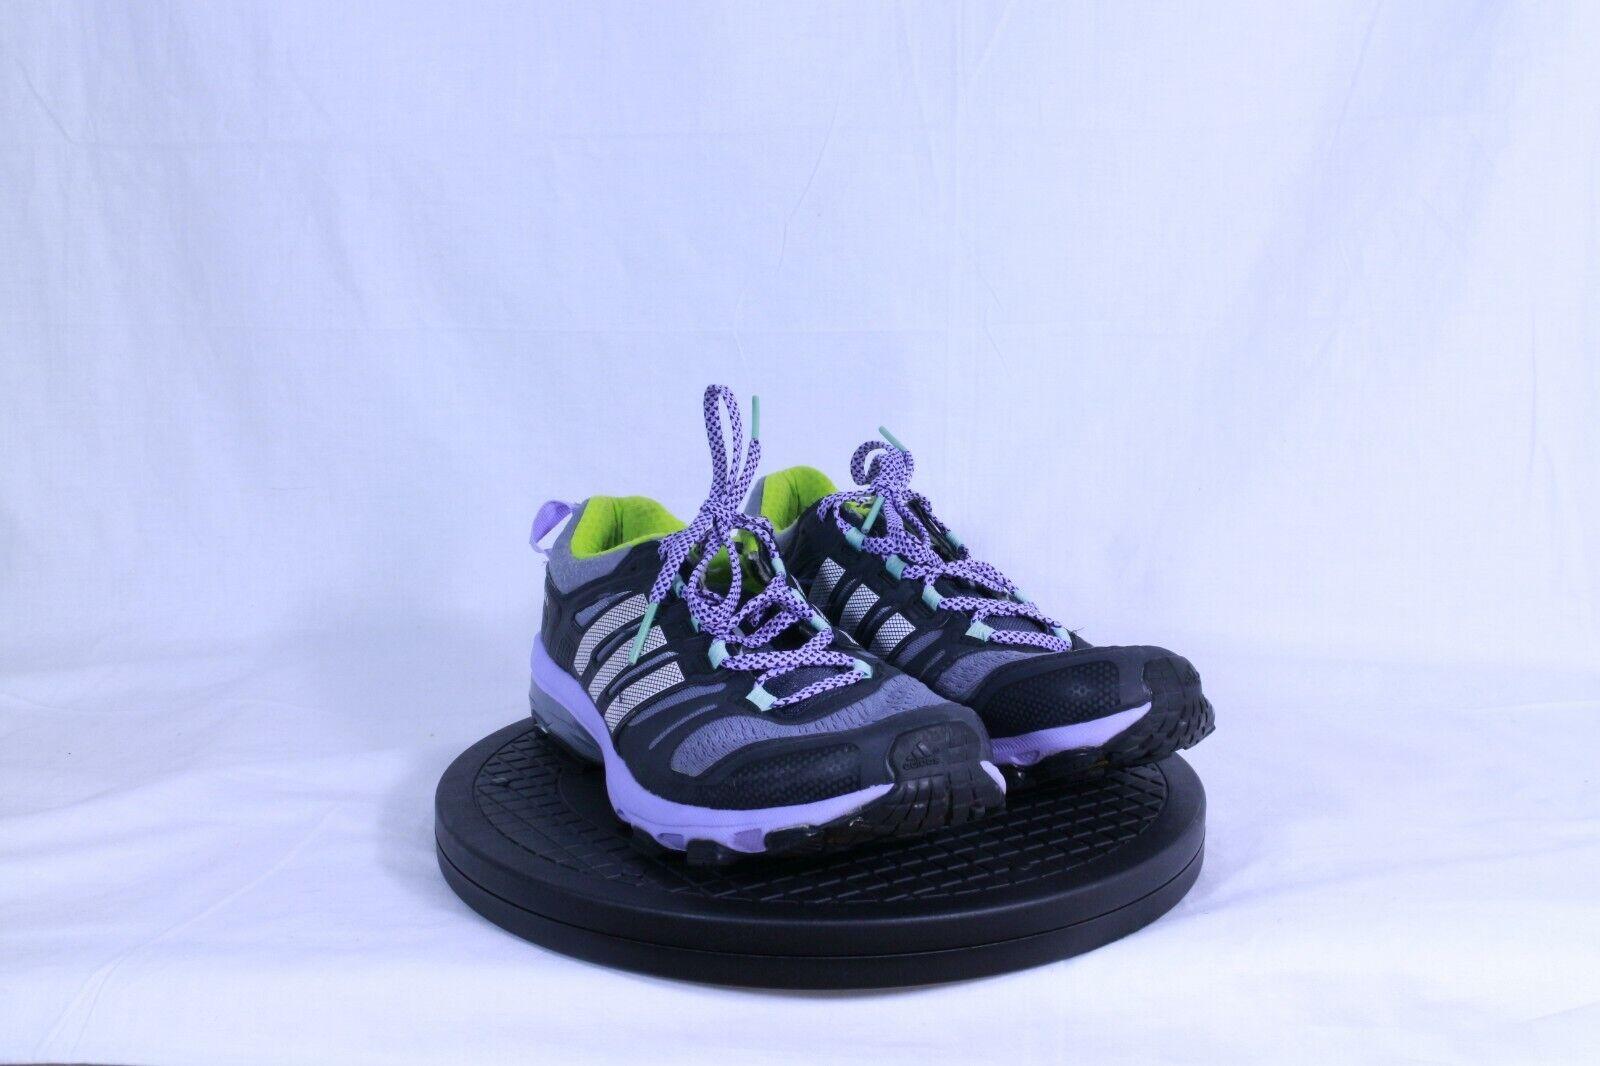 Adidas Unisex Supernova Riot 5 Running Shoes Laufschuhe Sneaker Schuhe Größe 41